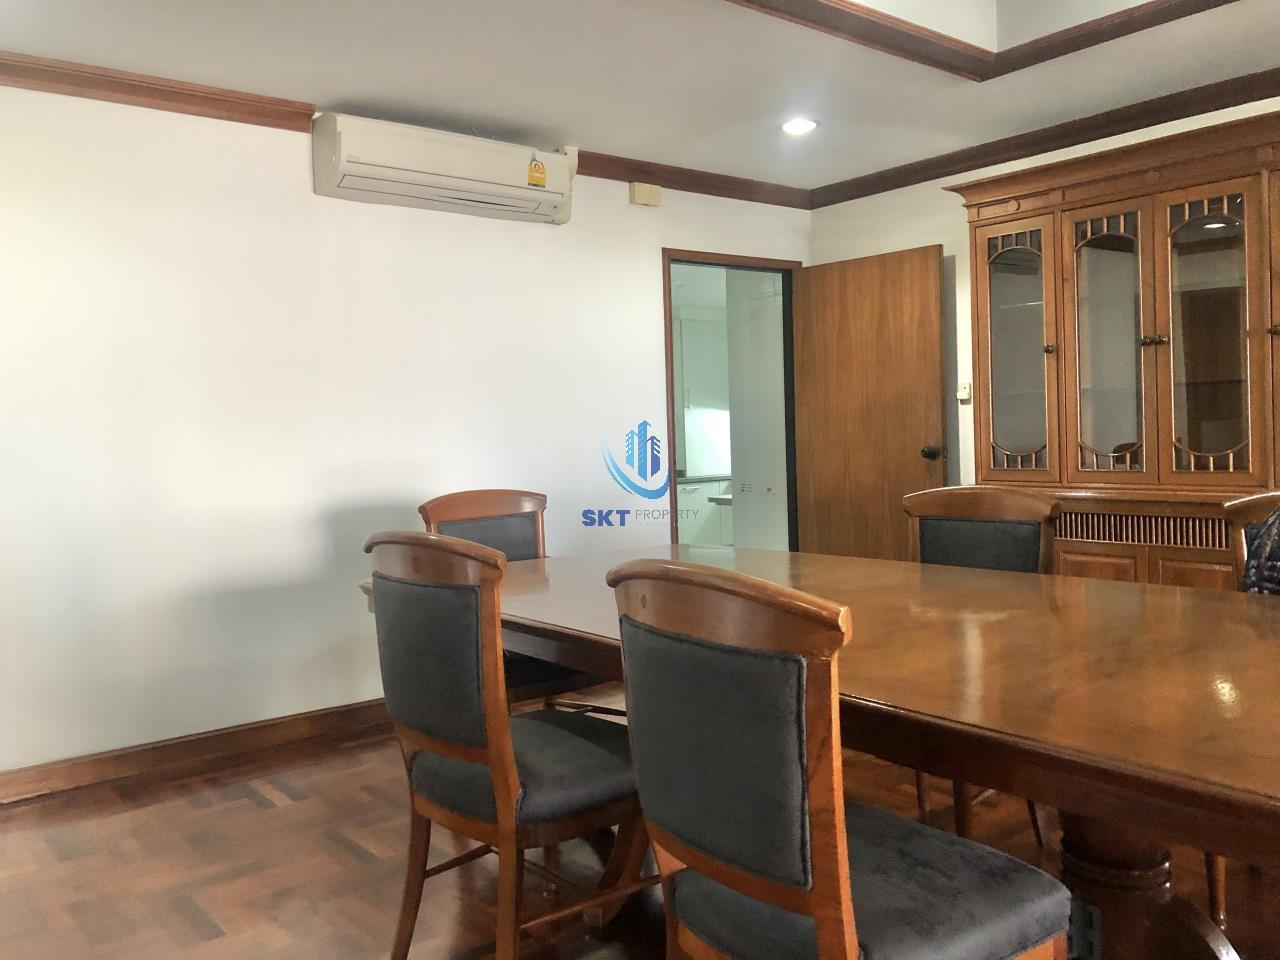 Sukritta Property Agency's Sethiwan Palace - Sukhumvit soi 4 - Bts Nana 4